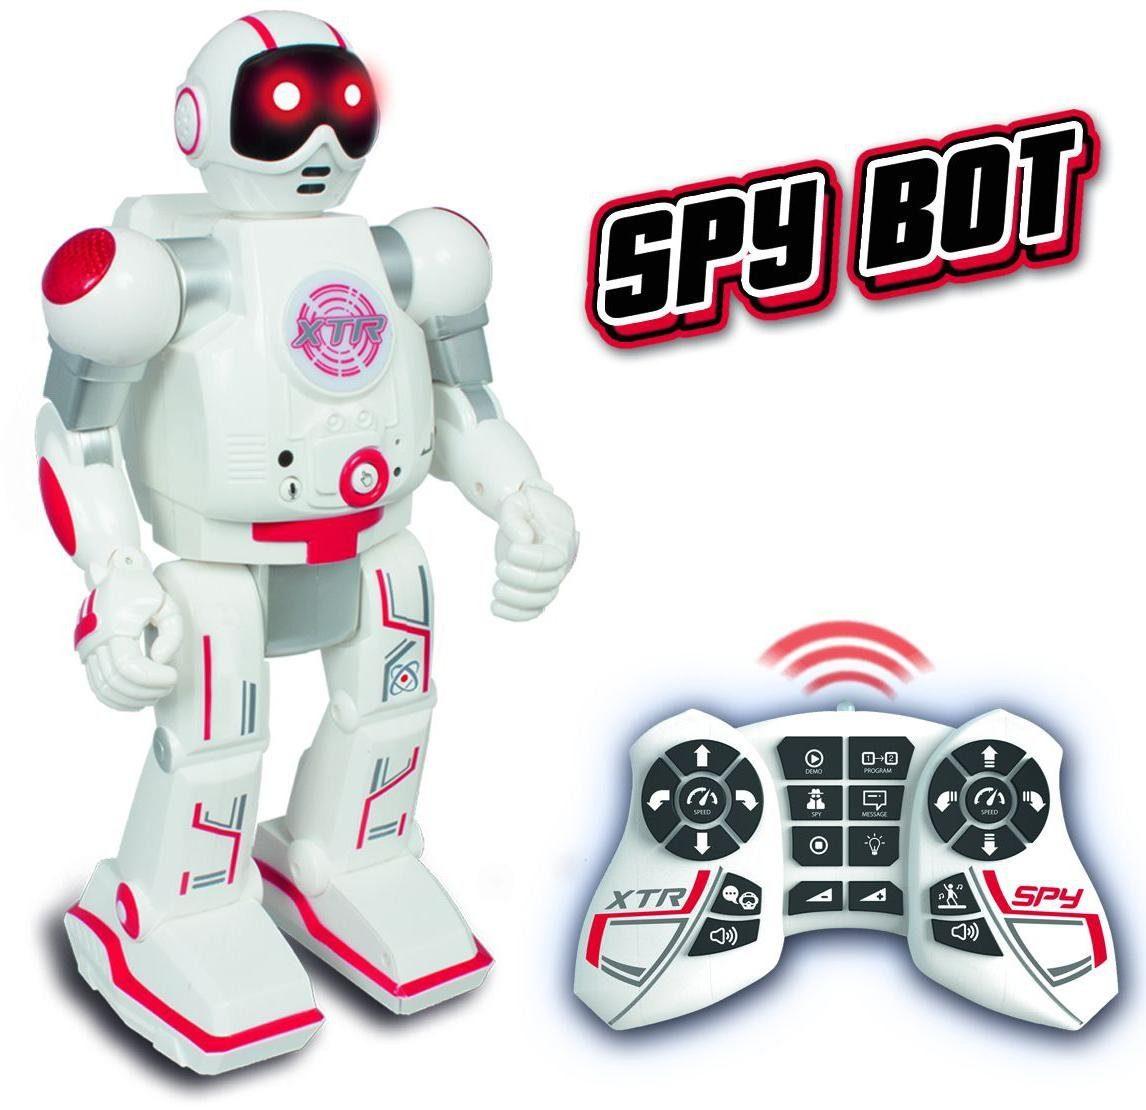 KD Kidz Delight Roboter mit Licht- und Soundeffekten, »Xtream Bots - Spy Bot«